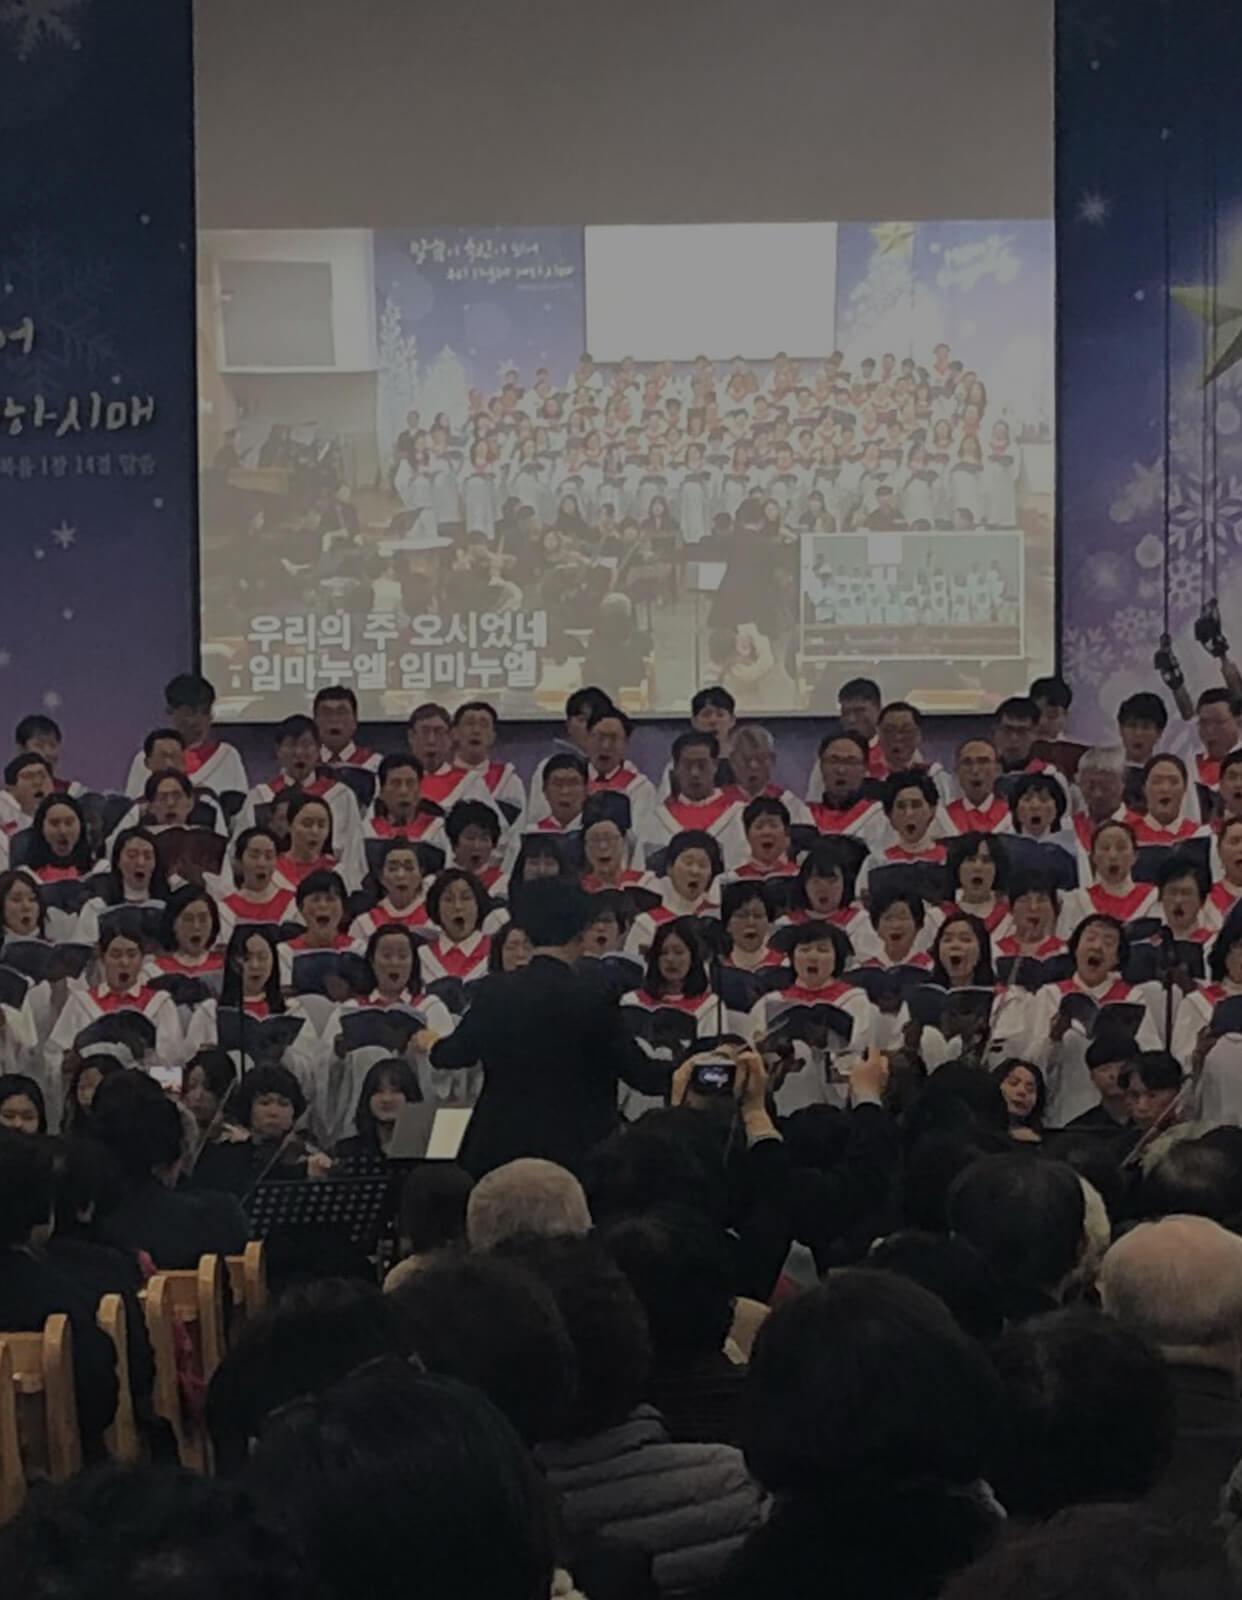 광주양림교회 예배실황중계